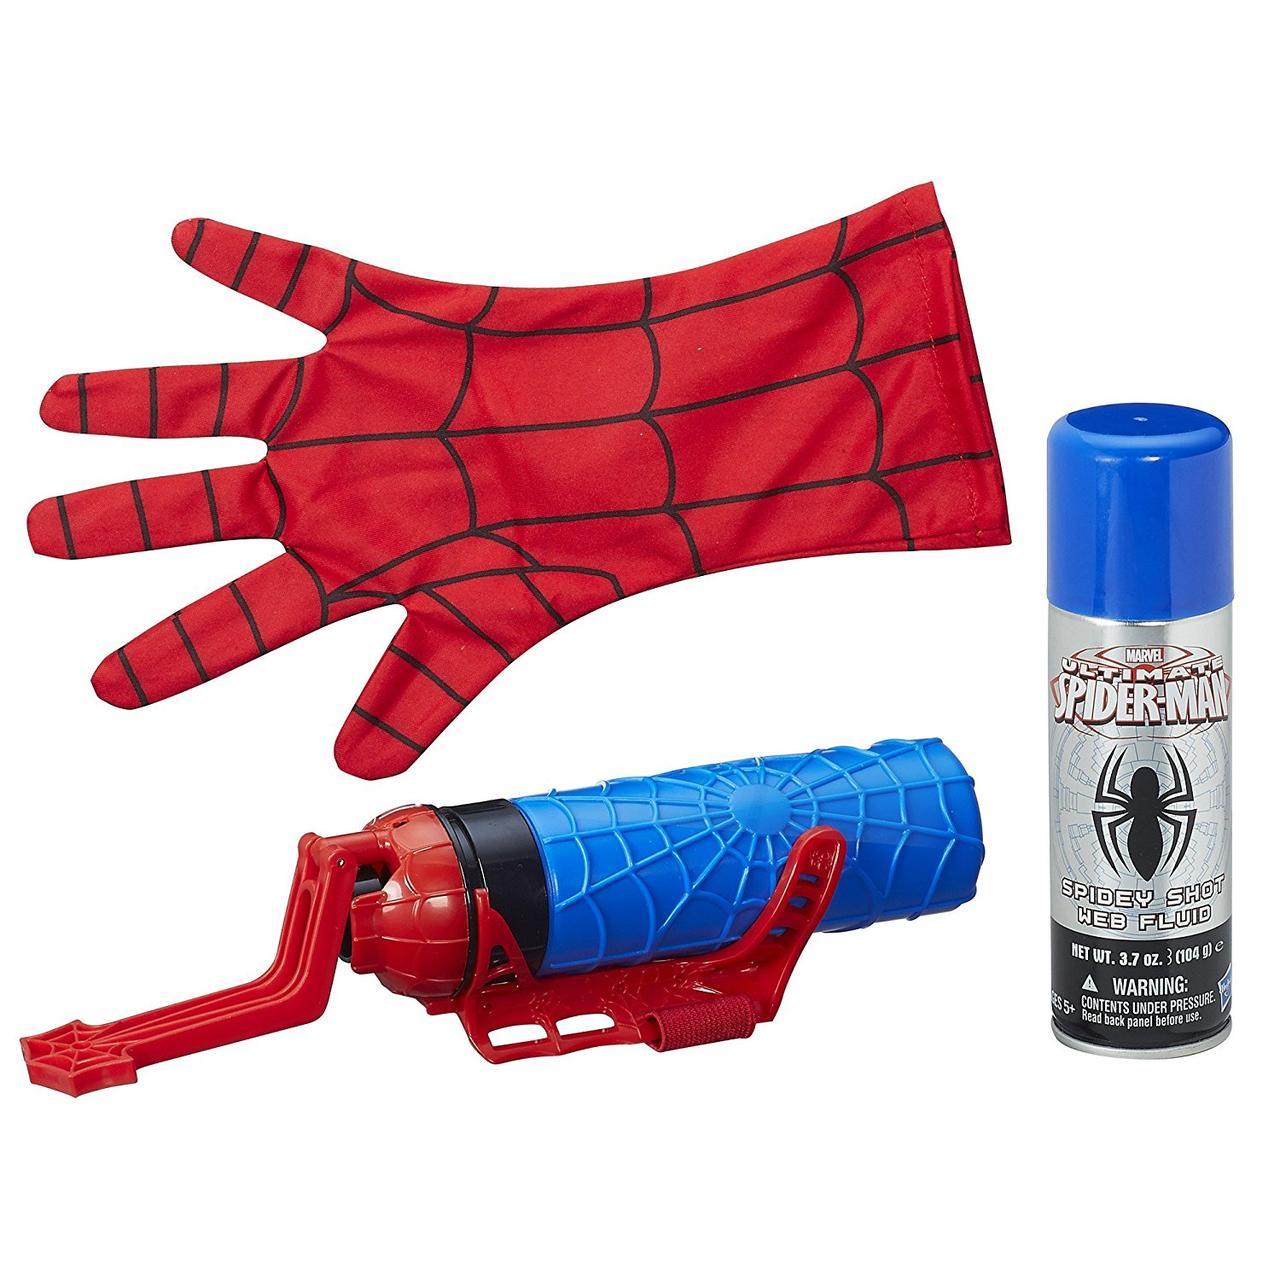 Перчатка человека паука, бластер стреляющий паутиной и водой, Hasbro из США